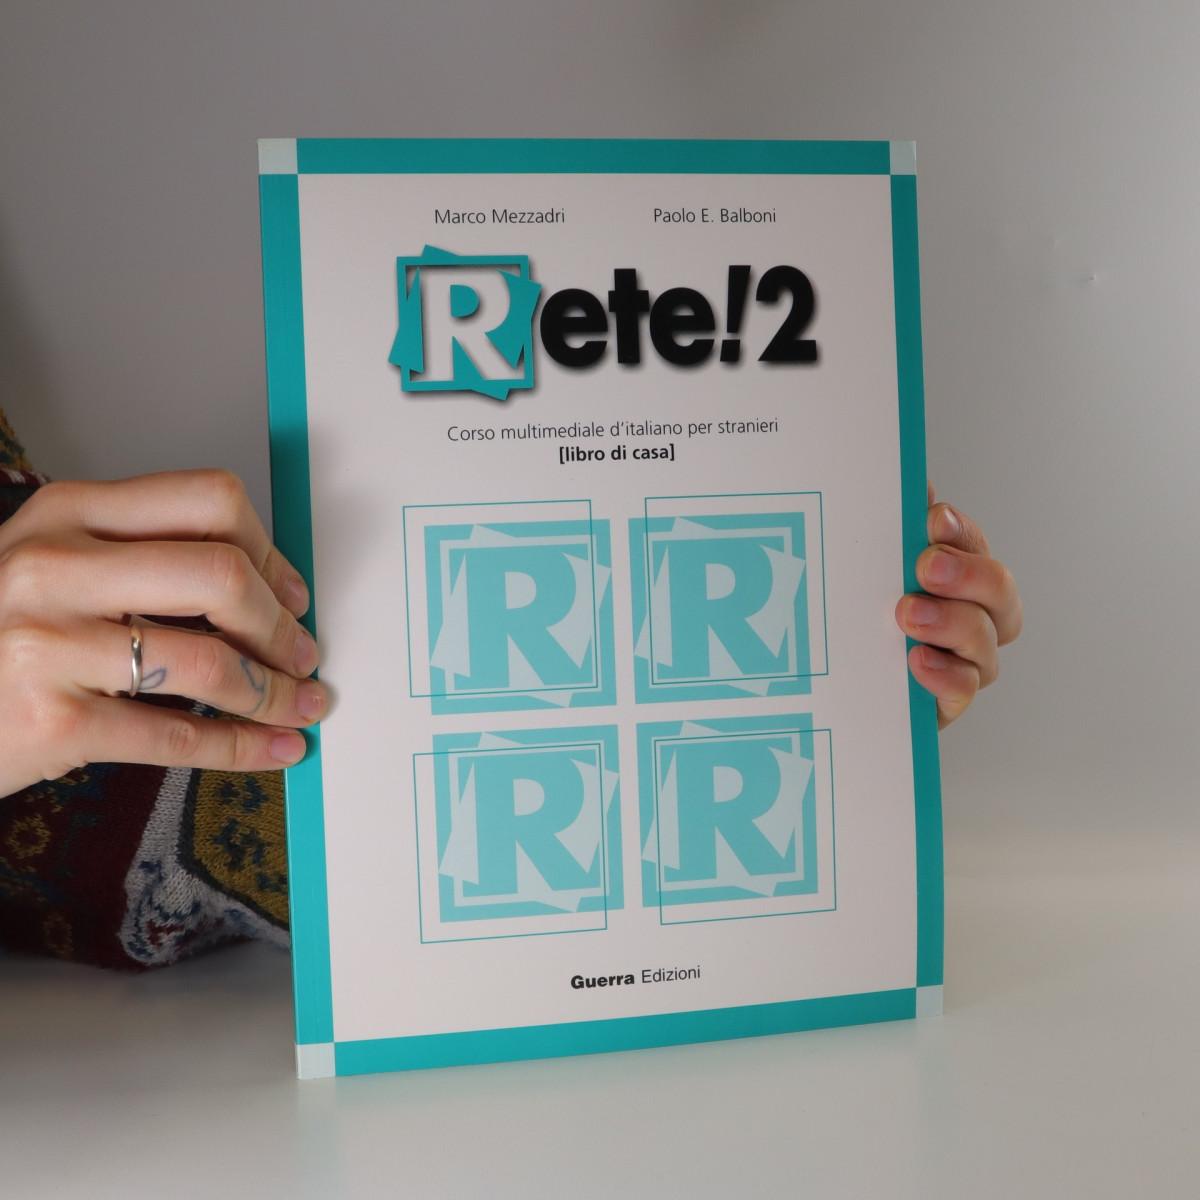 antikvární kniha Rete! 2, neuveden